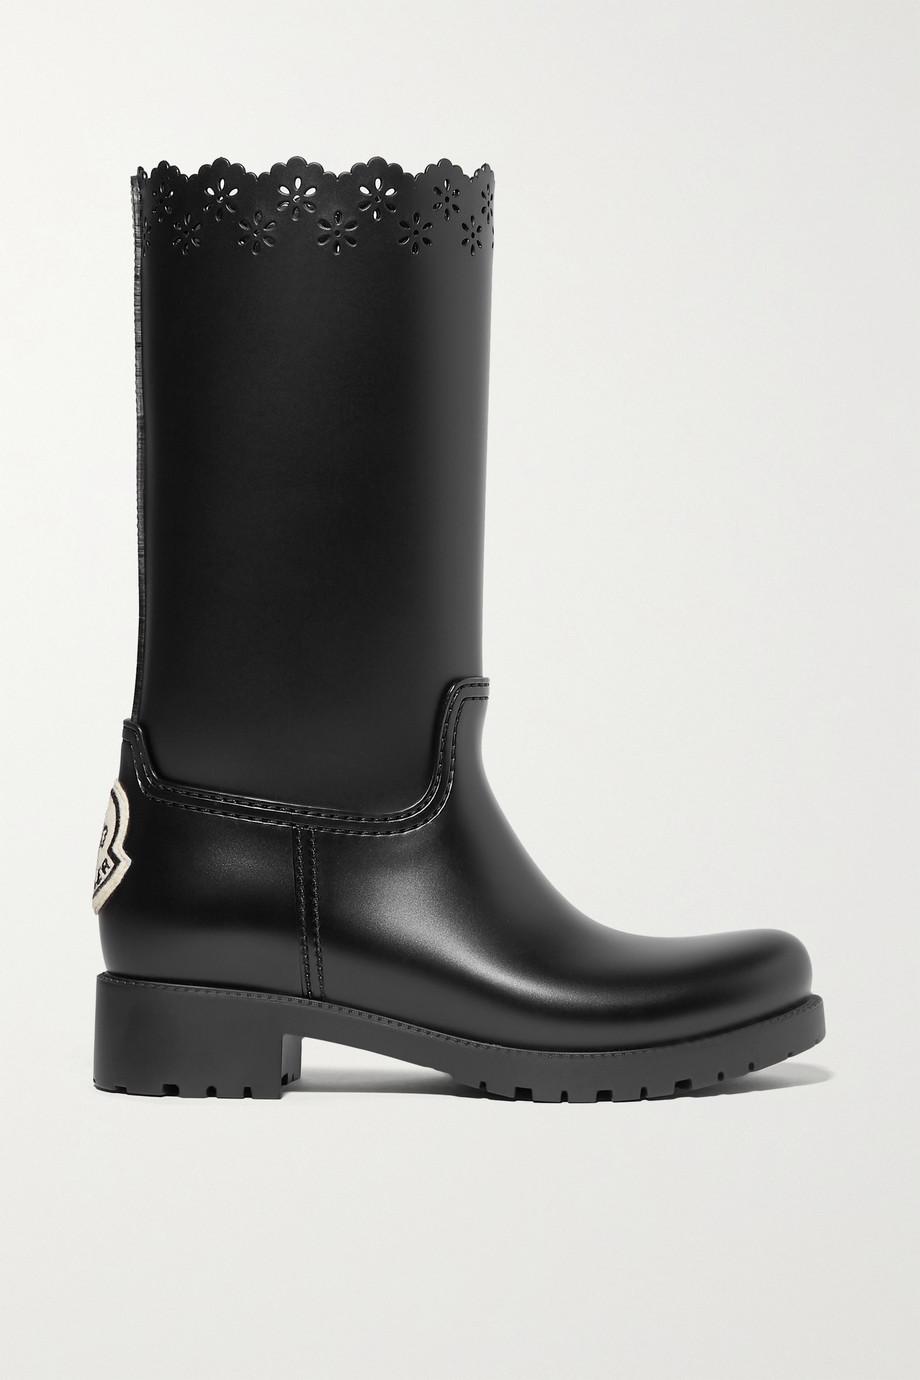 Moncler Genius + Simone Rocha laser-cut rubber boots